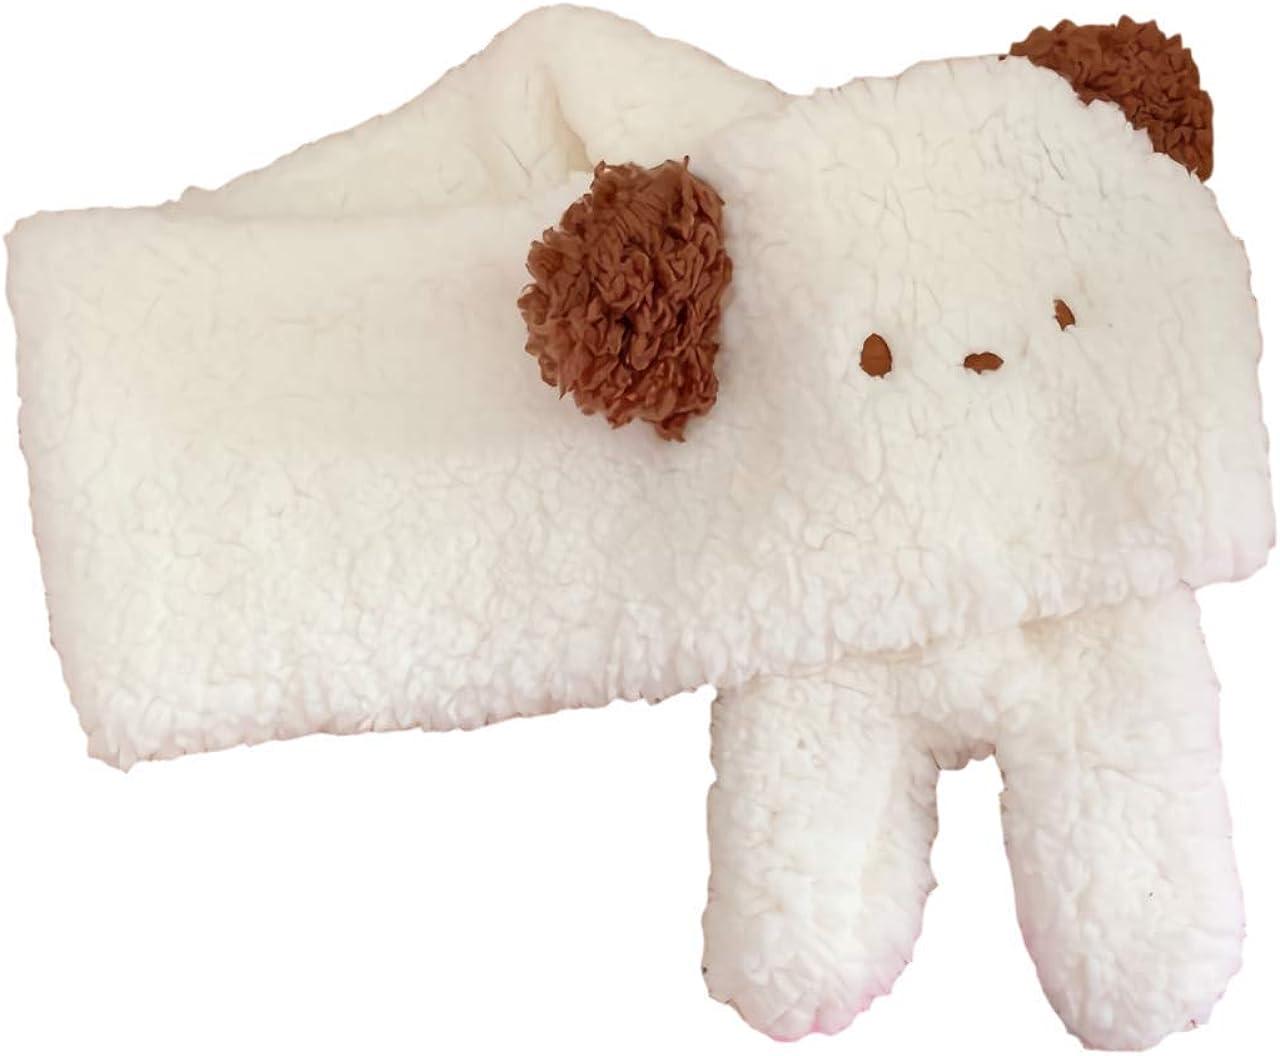 GK-O Japanese Cute Plush Anime Puppy Ear Scarf Soft Waxy Scarf Winter Warm Scarf